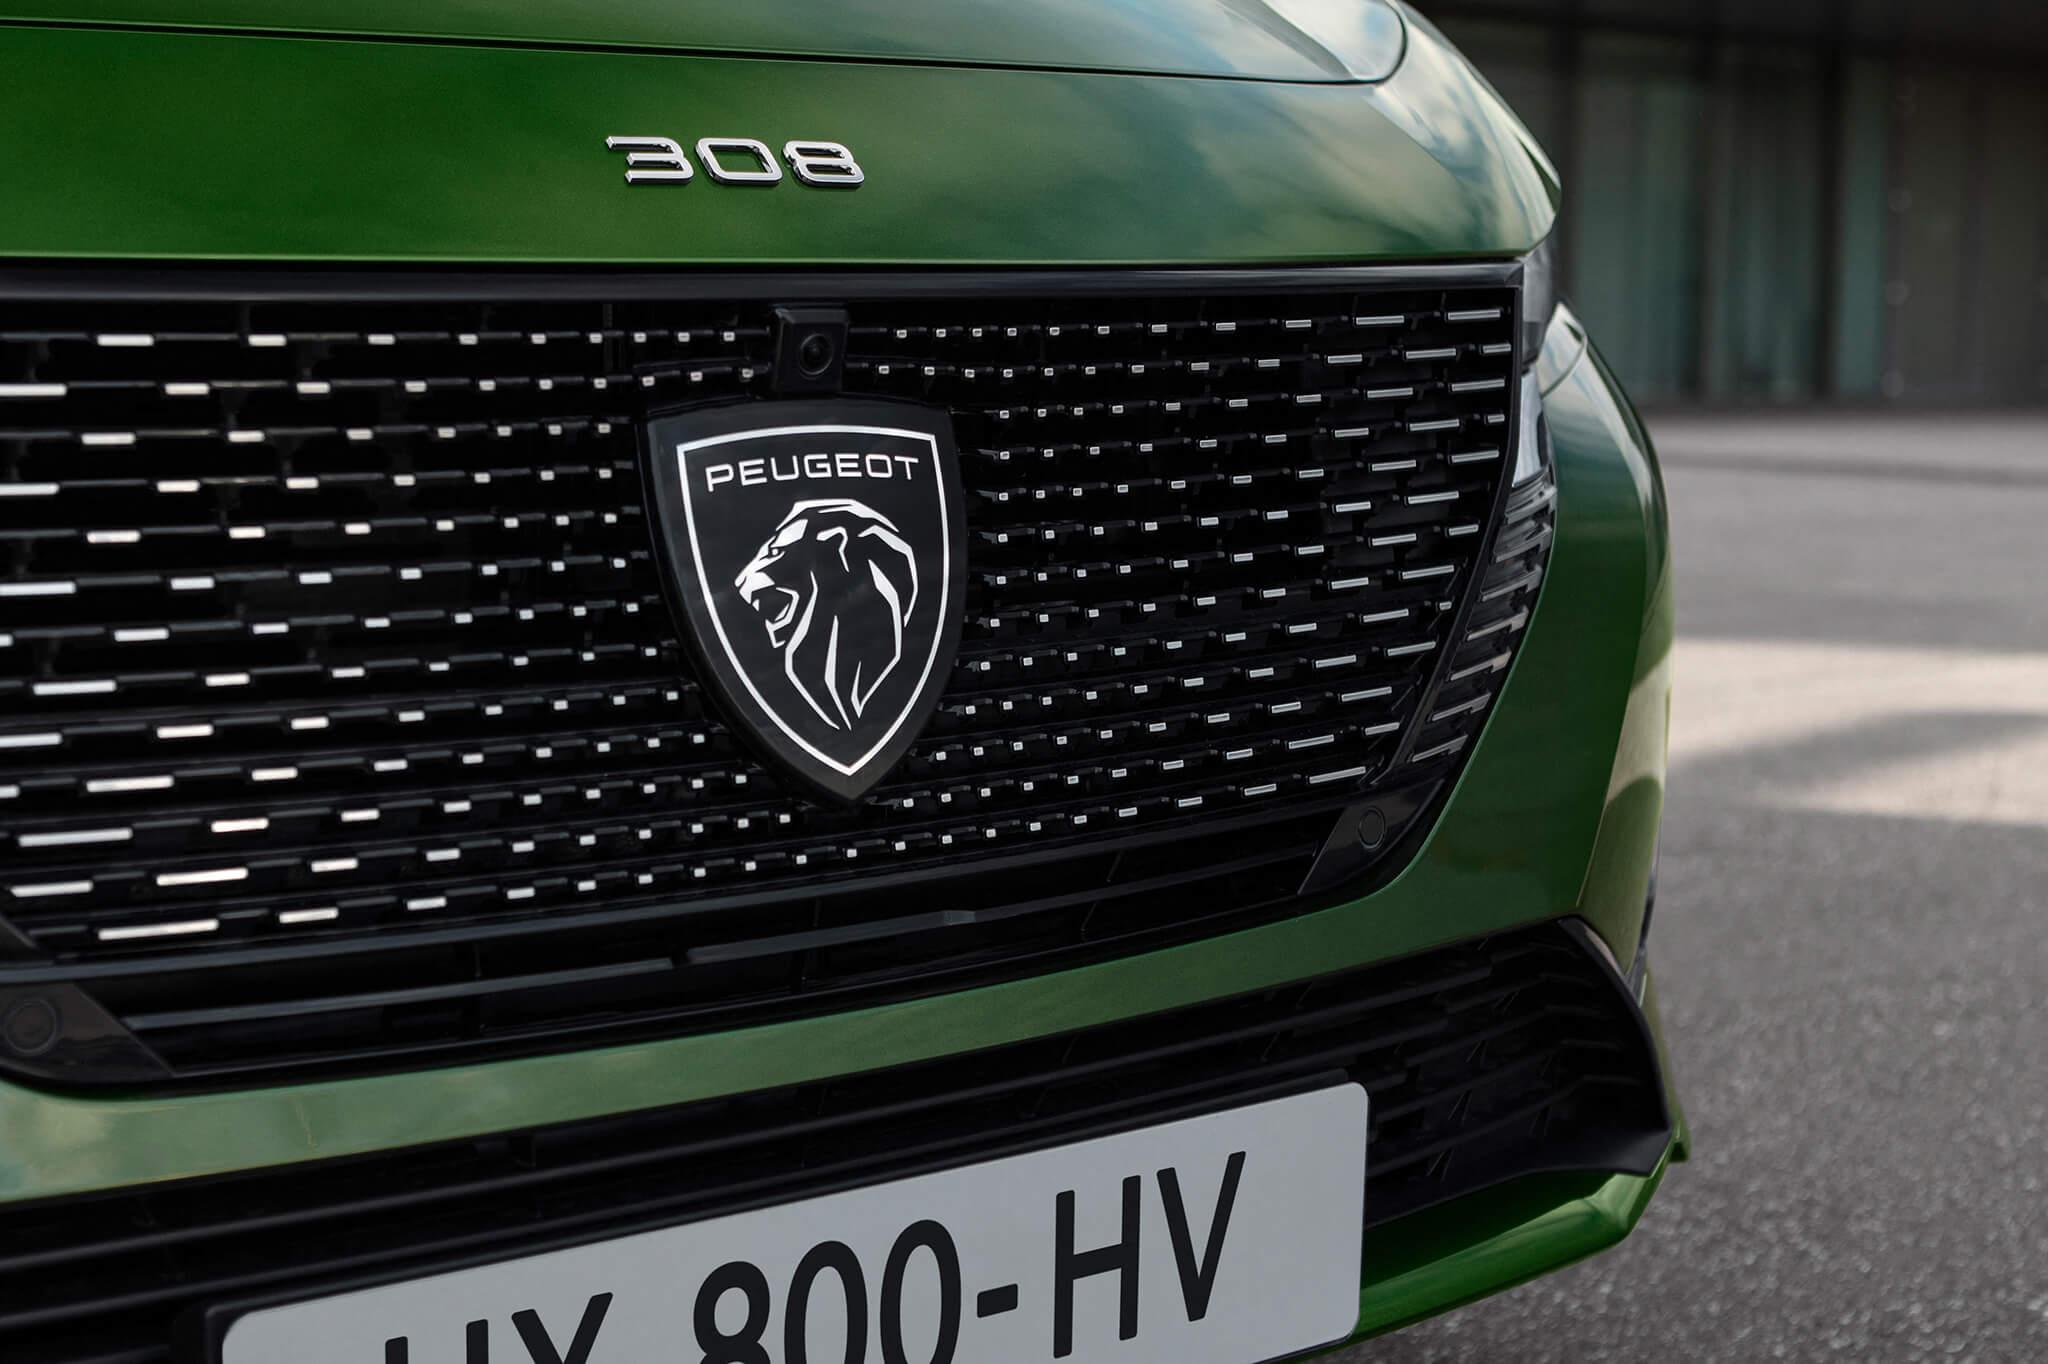 Grelha dianteira com novo símbolo Peugeot